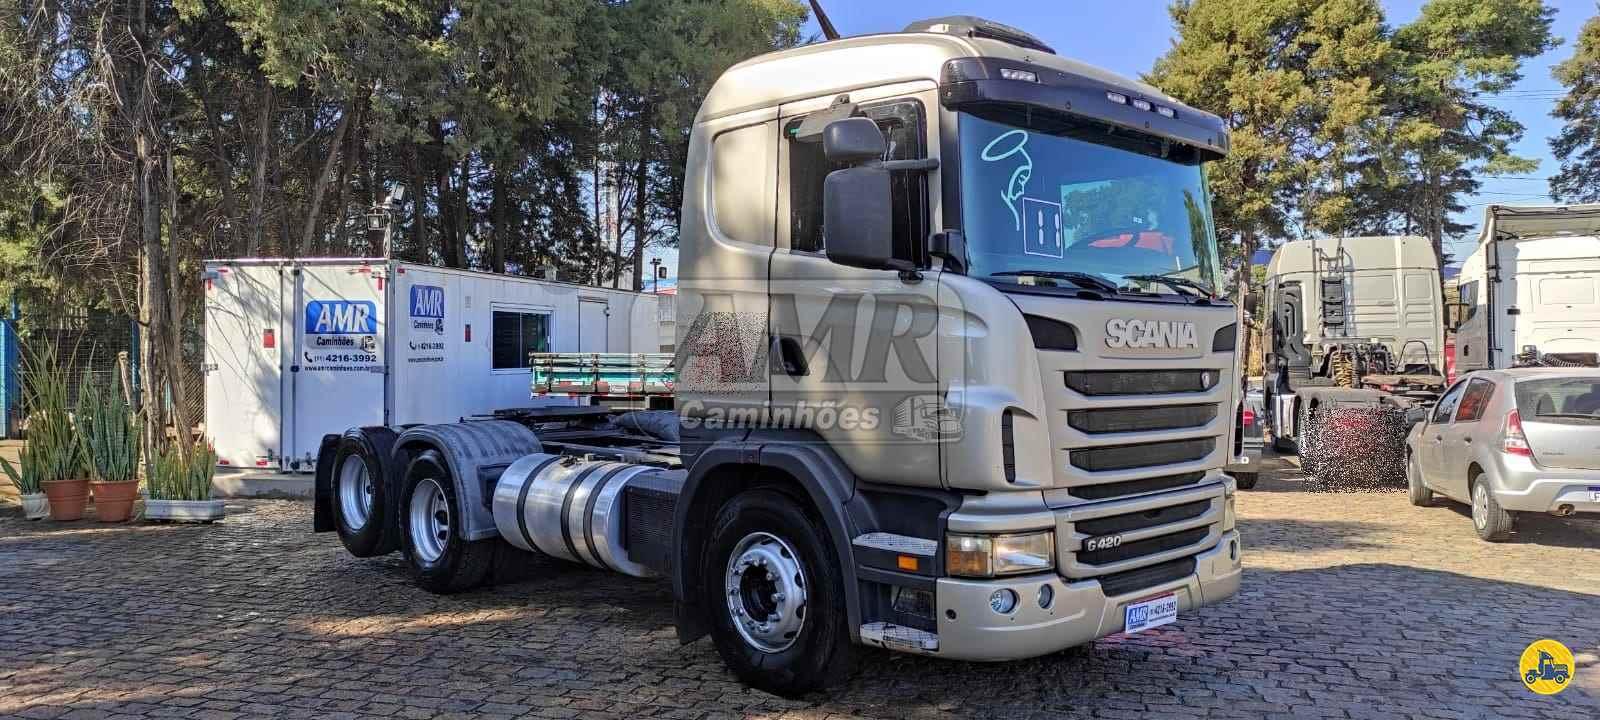 CAMINHAO SCANIA SCANIA 420 Cavalo Mecânico Truck 6x2 AMR Caminhões JUNDIAI SÃO PAULO SP